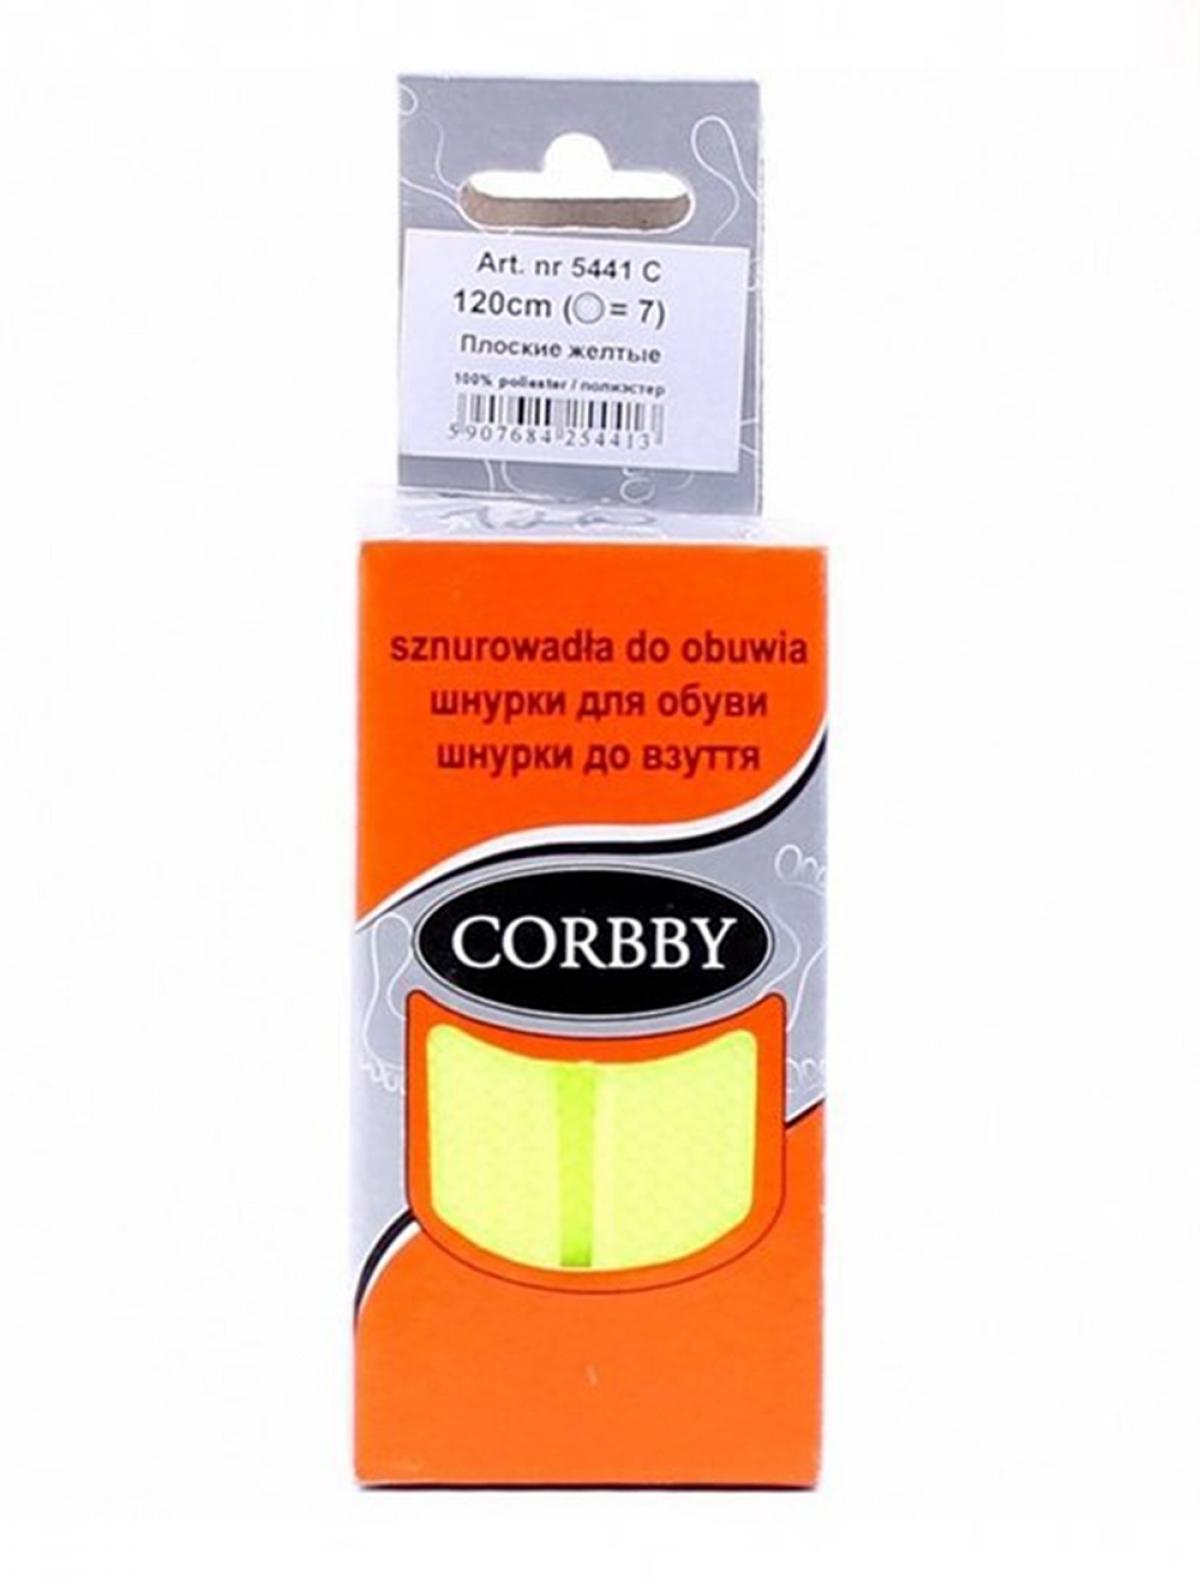 Corbby 5441C шнурки желтый